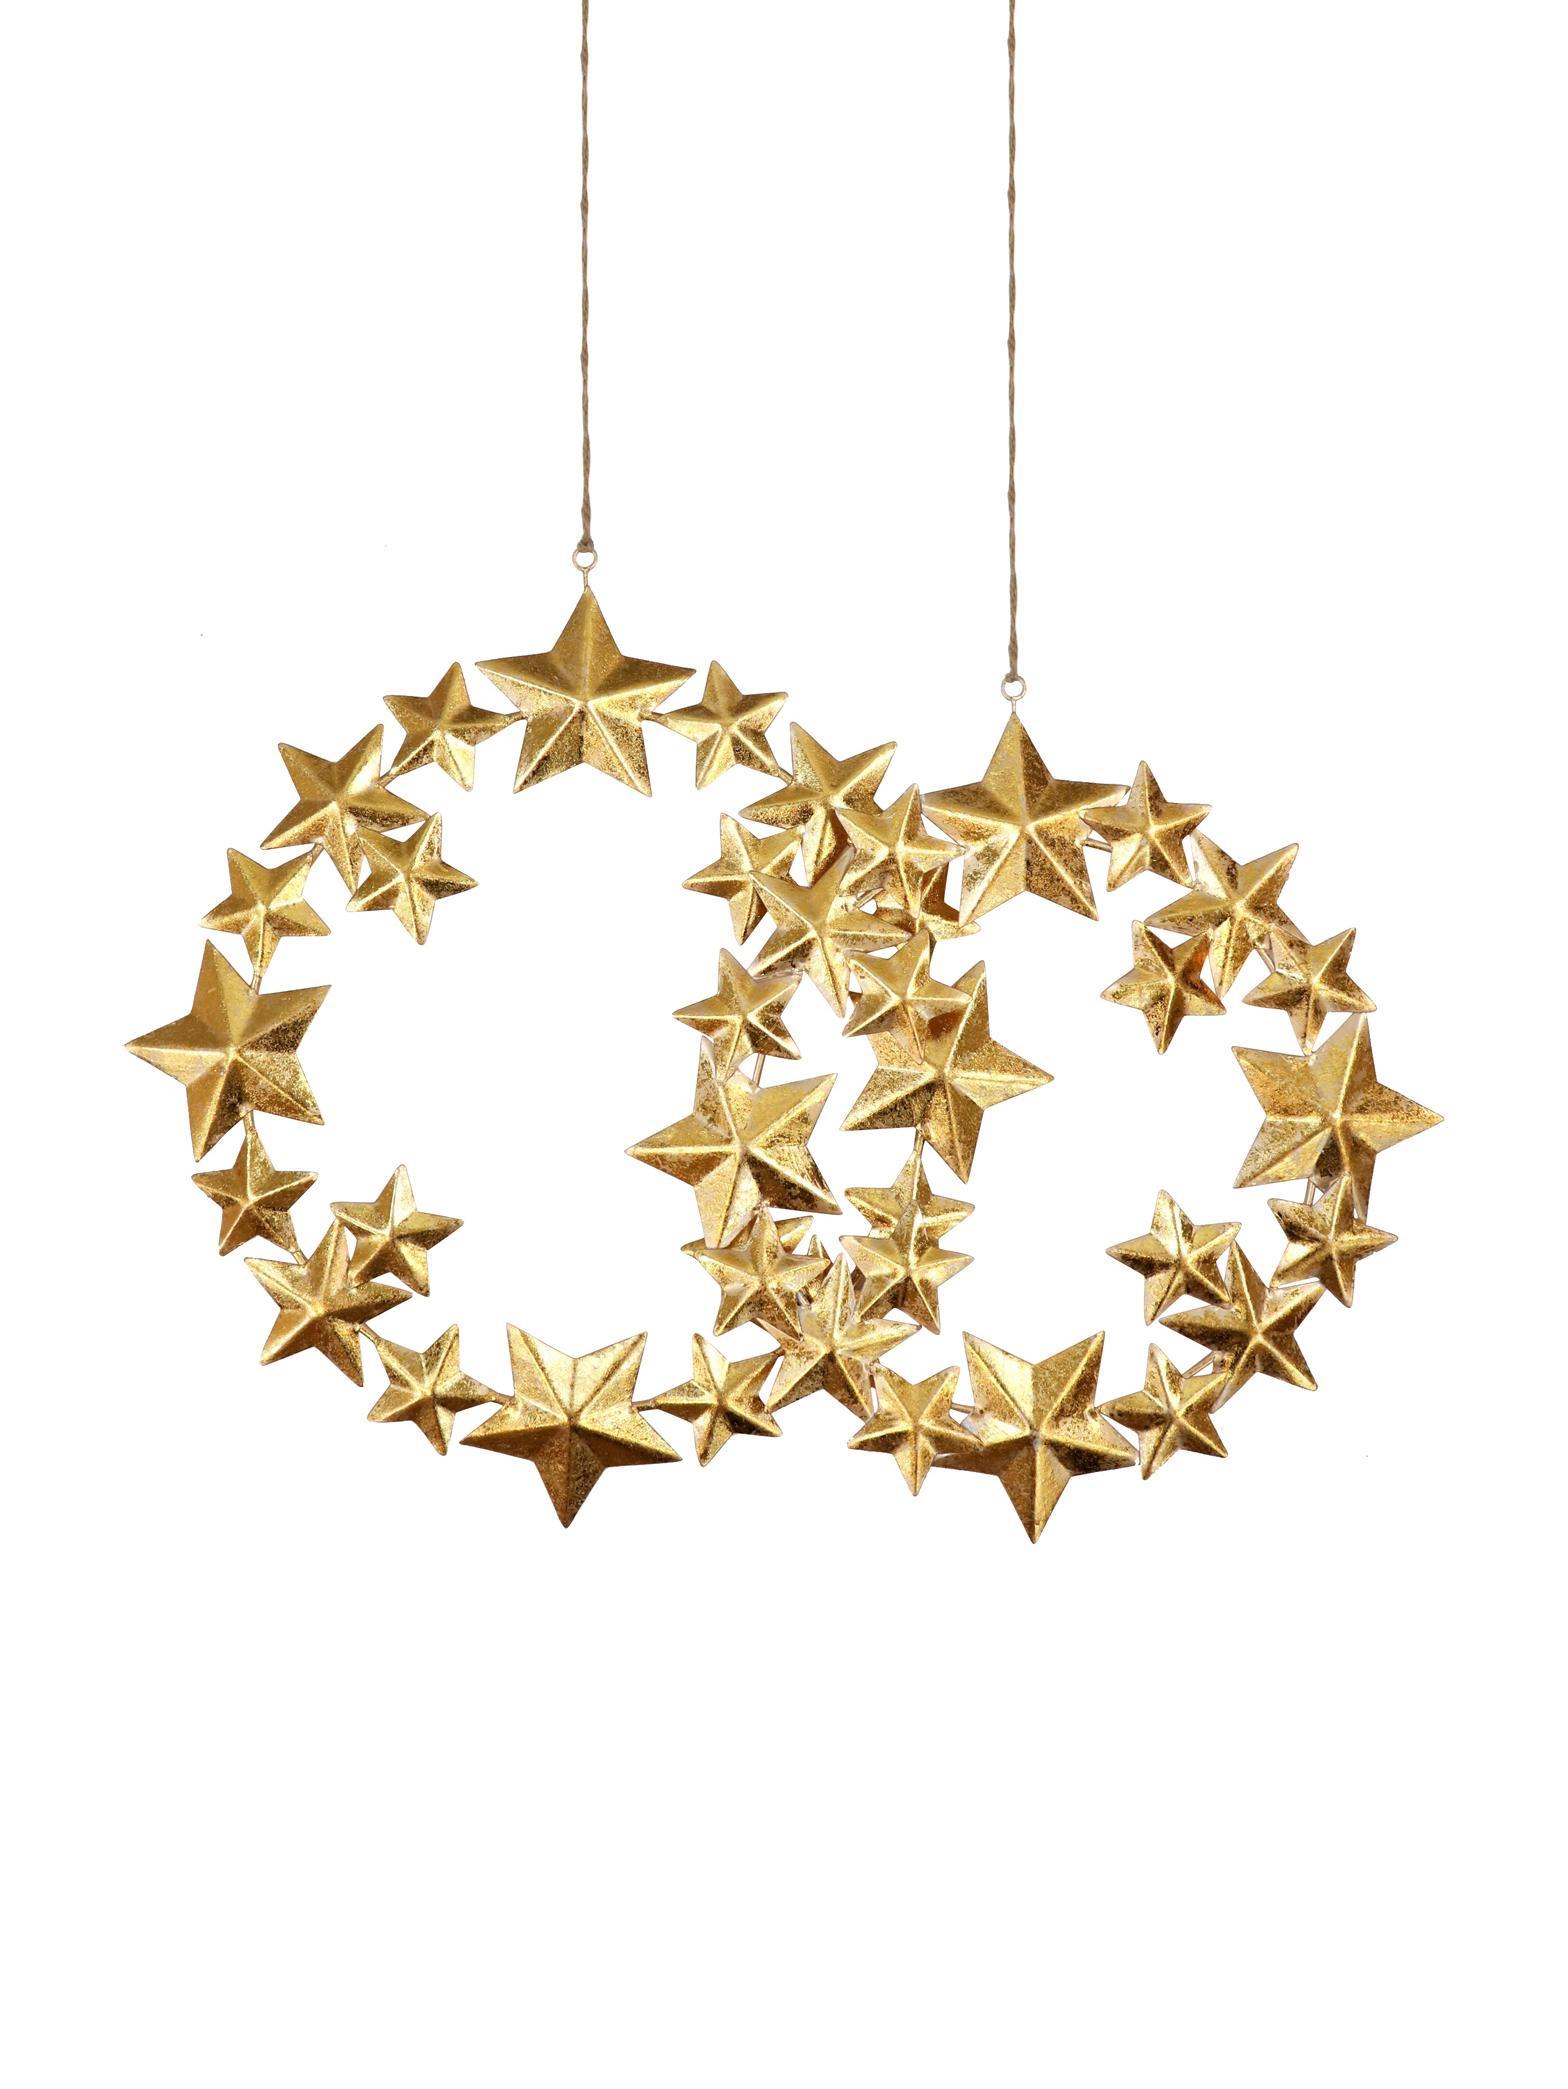 Deko-Anhänger-Set Stars, 2-tlg., Metall, beschichtet, Goldfarben, Set mit verschiedenen Grössen